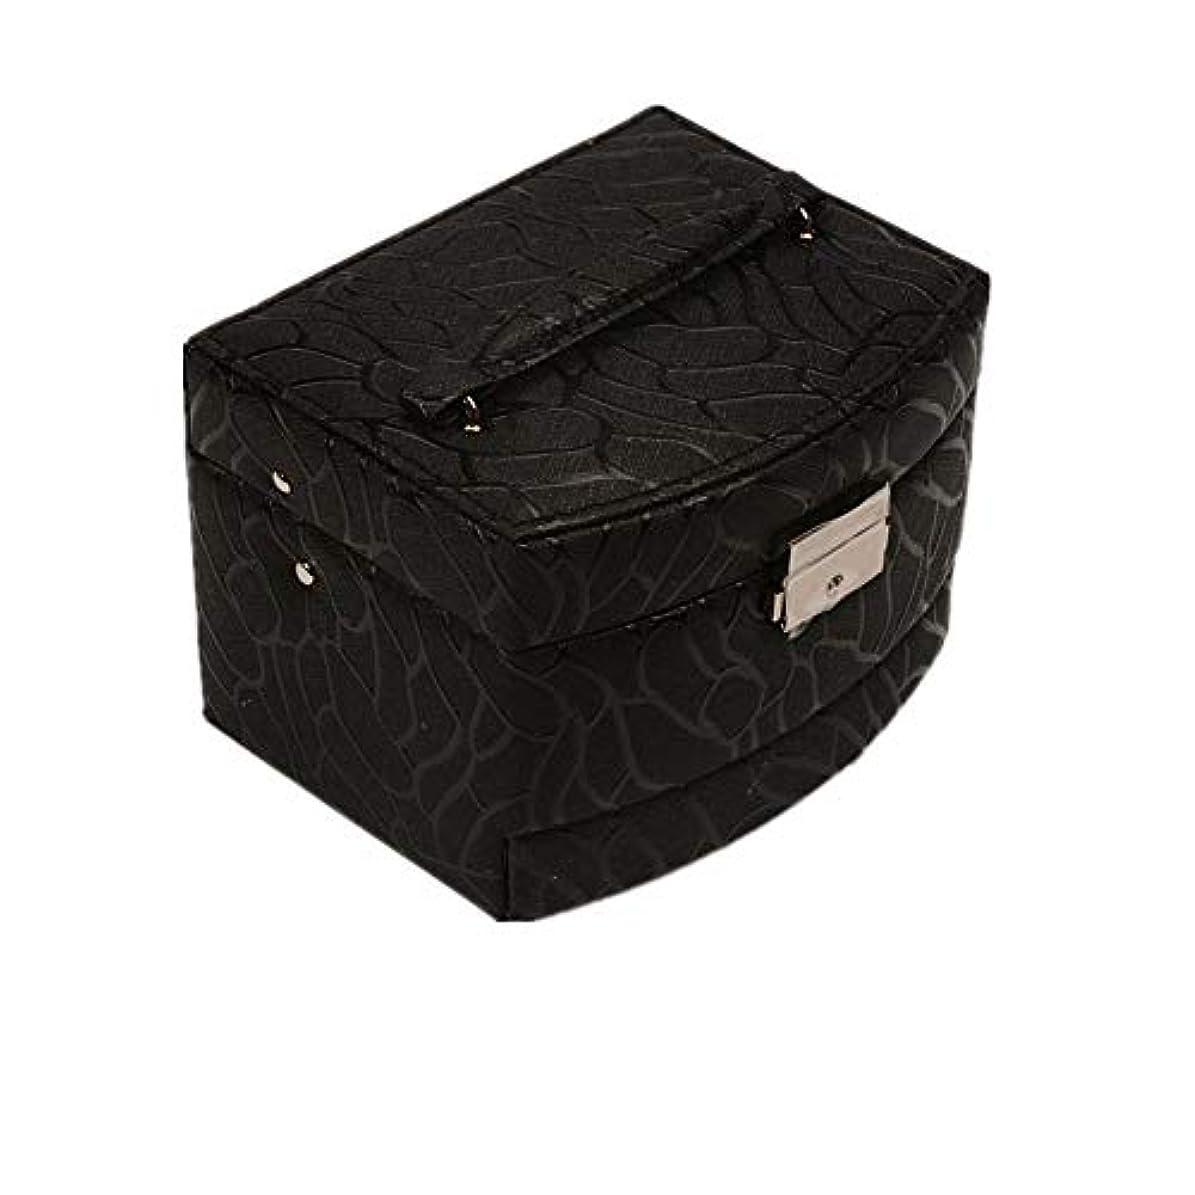 高潔なほとんどの場合所持化粧オーガナイザーバッグ 純粋な色のポータブル多層化粧品美容メイクアップ化粧ケースロックと化粧品ミラー 化粧品ケース